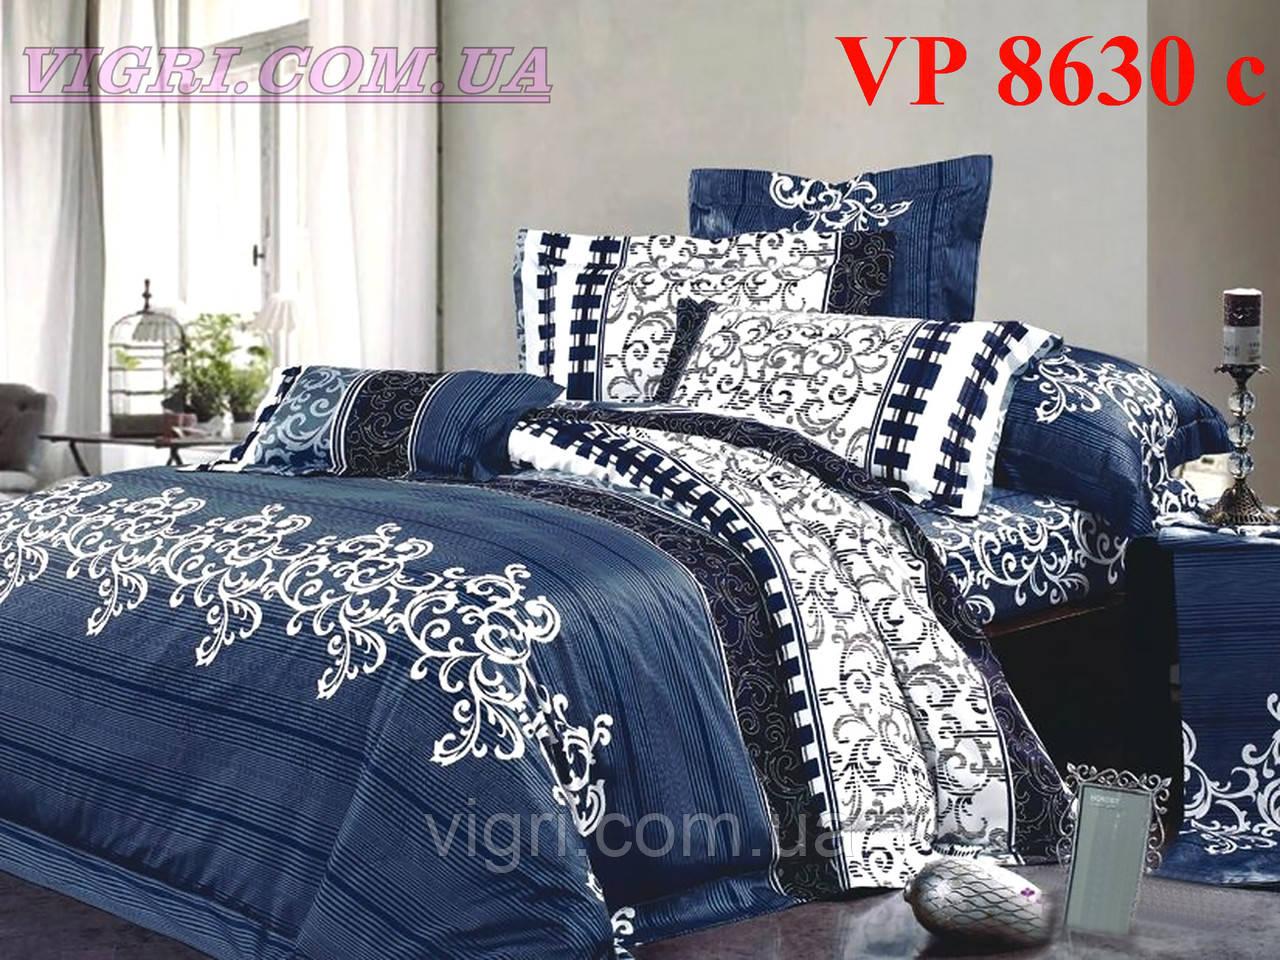 Постельное белье, семейный комплект, ранфорс, Вилюта (VILUTA) VР 8630c